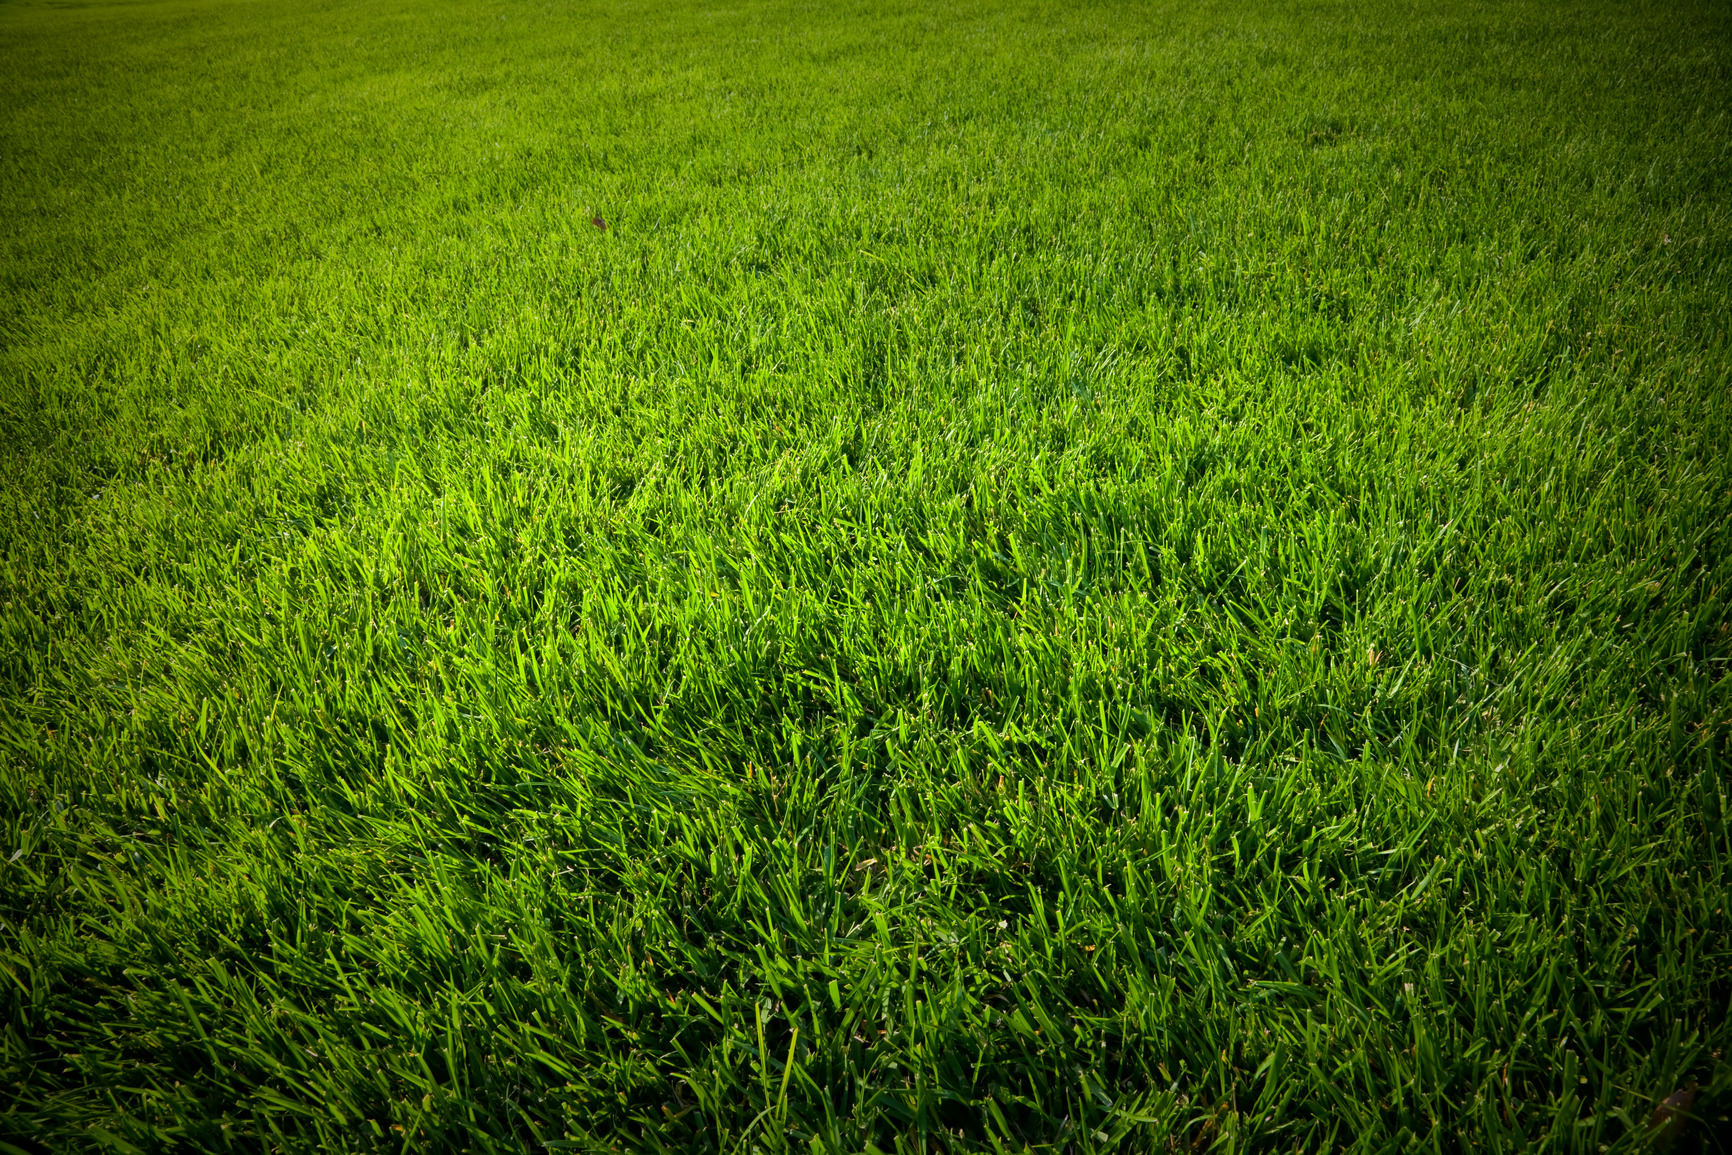 grass_bg